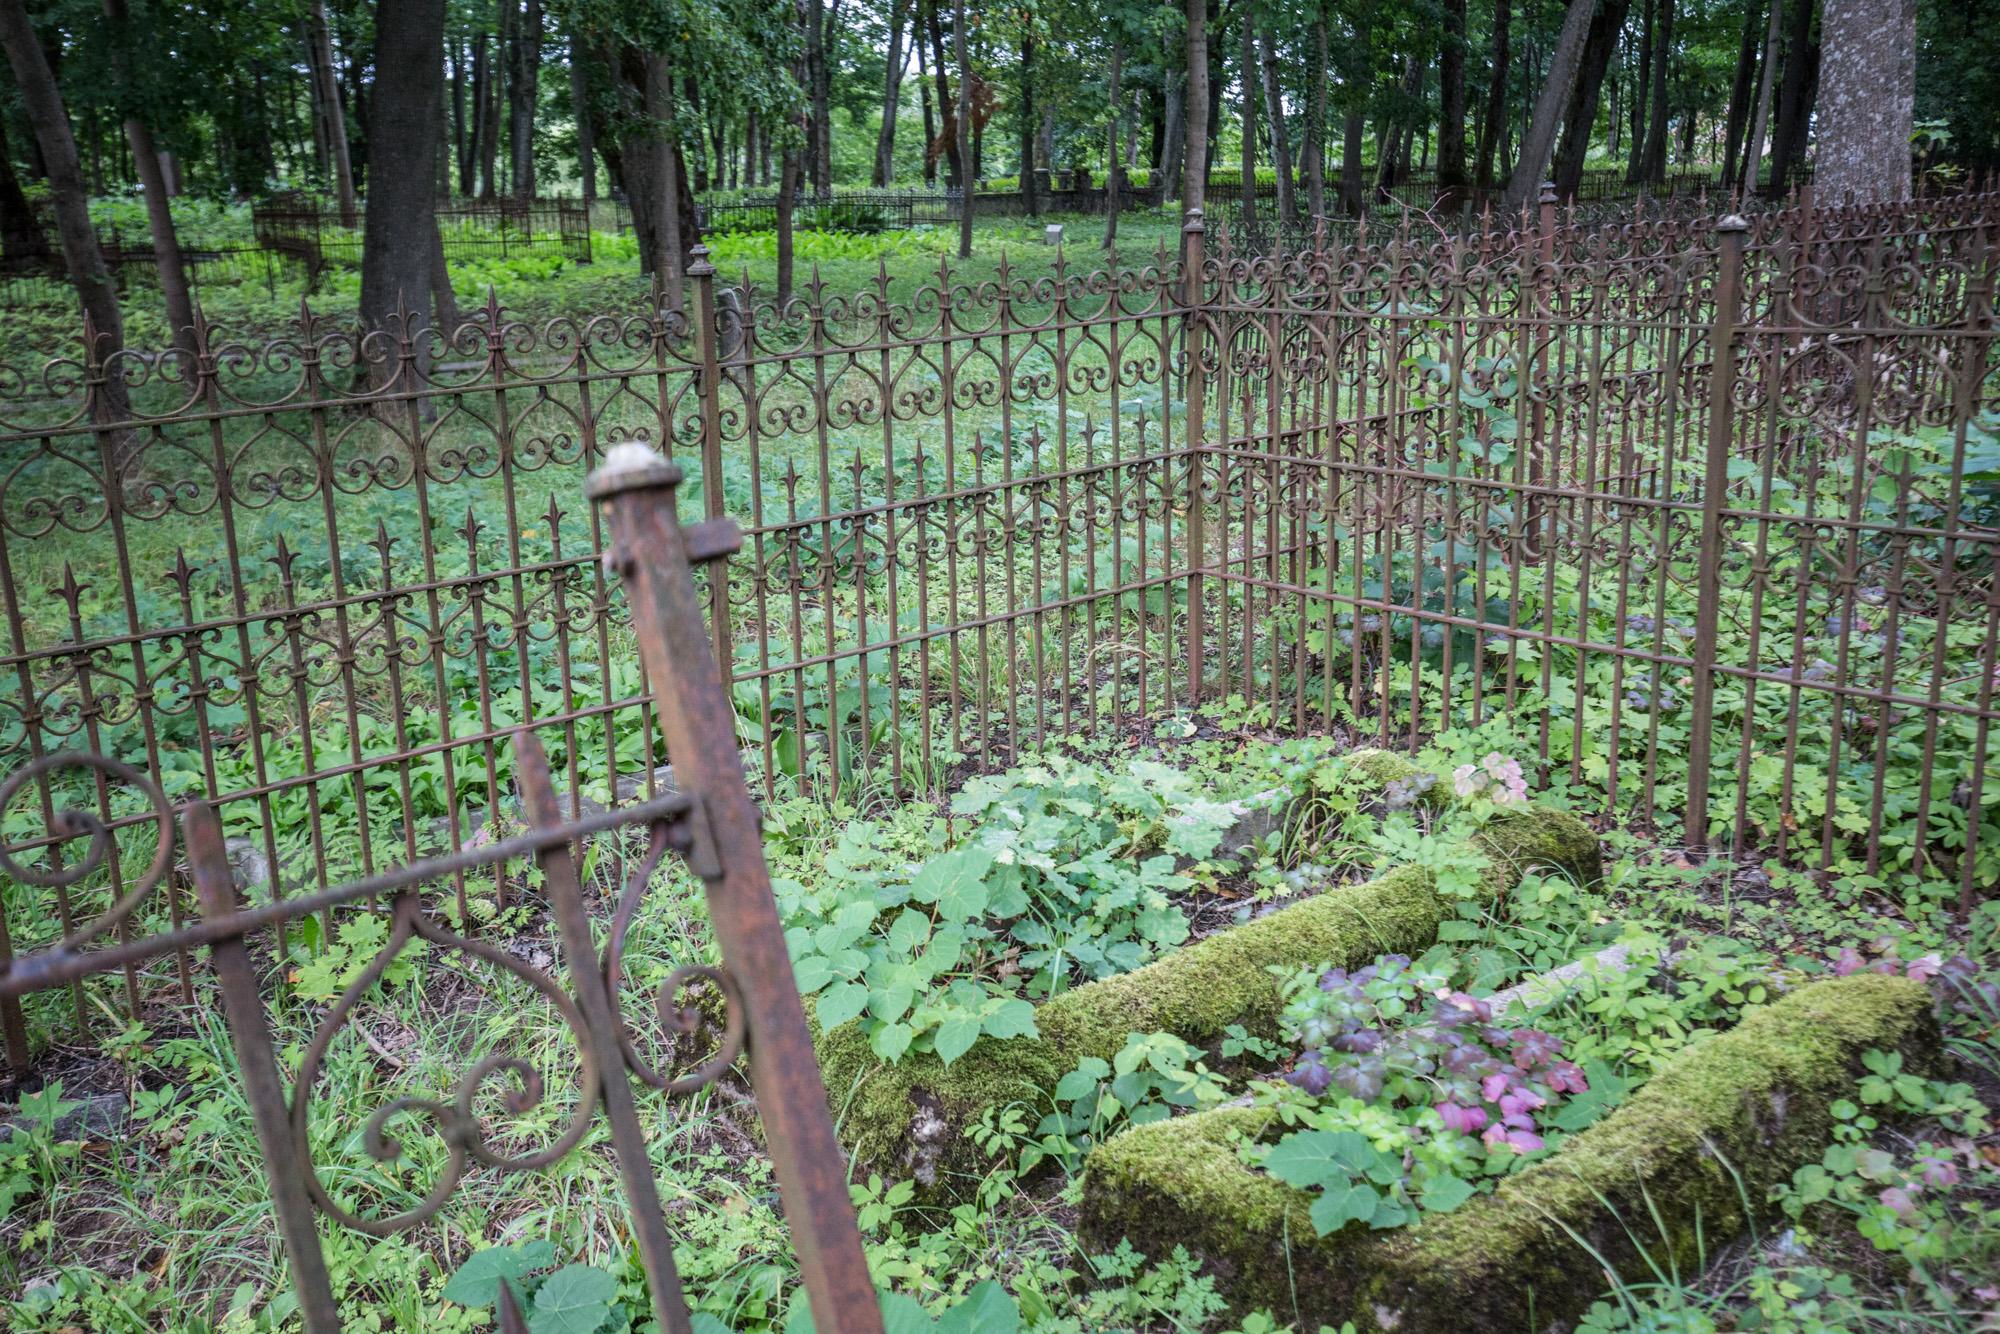 Mažajai Lietuvai būdingi lieto metalo kryžiai ir tvorelės | Autorės nuotr.